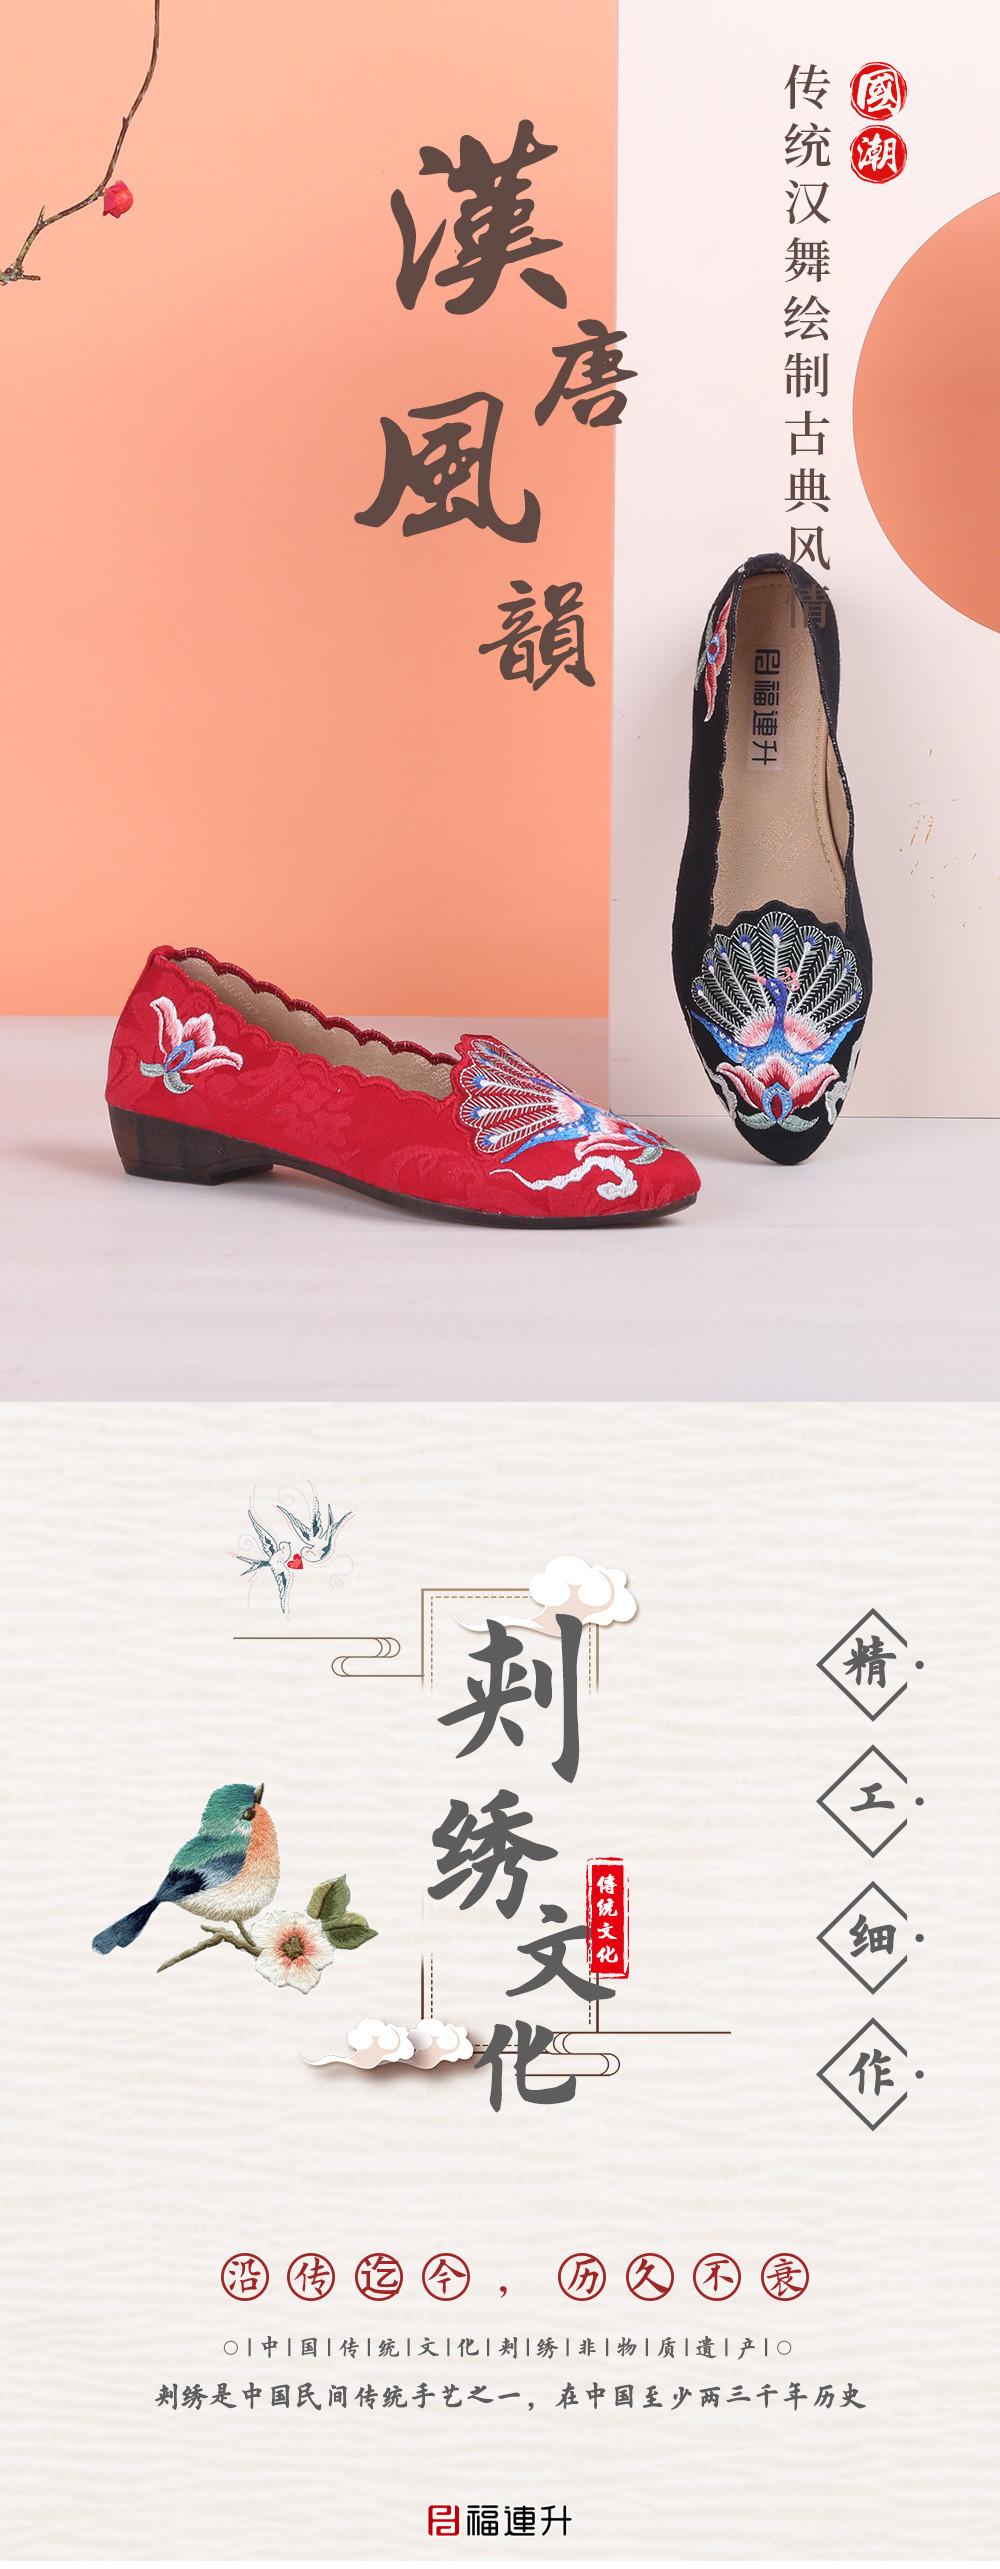 福连升老北京布鞋汉唐风韵绣花牛筋底舒适婚鞋女鞋图片